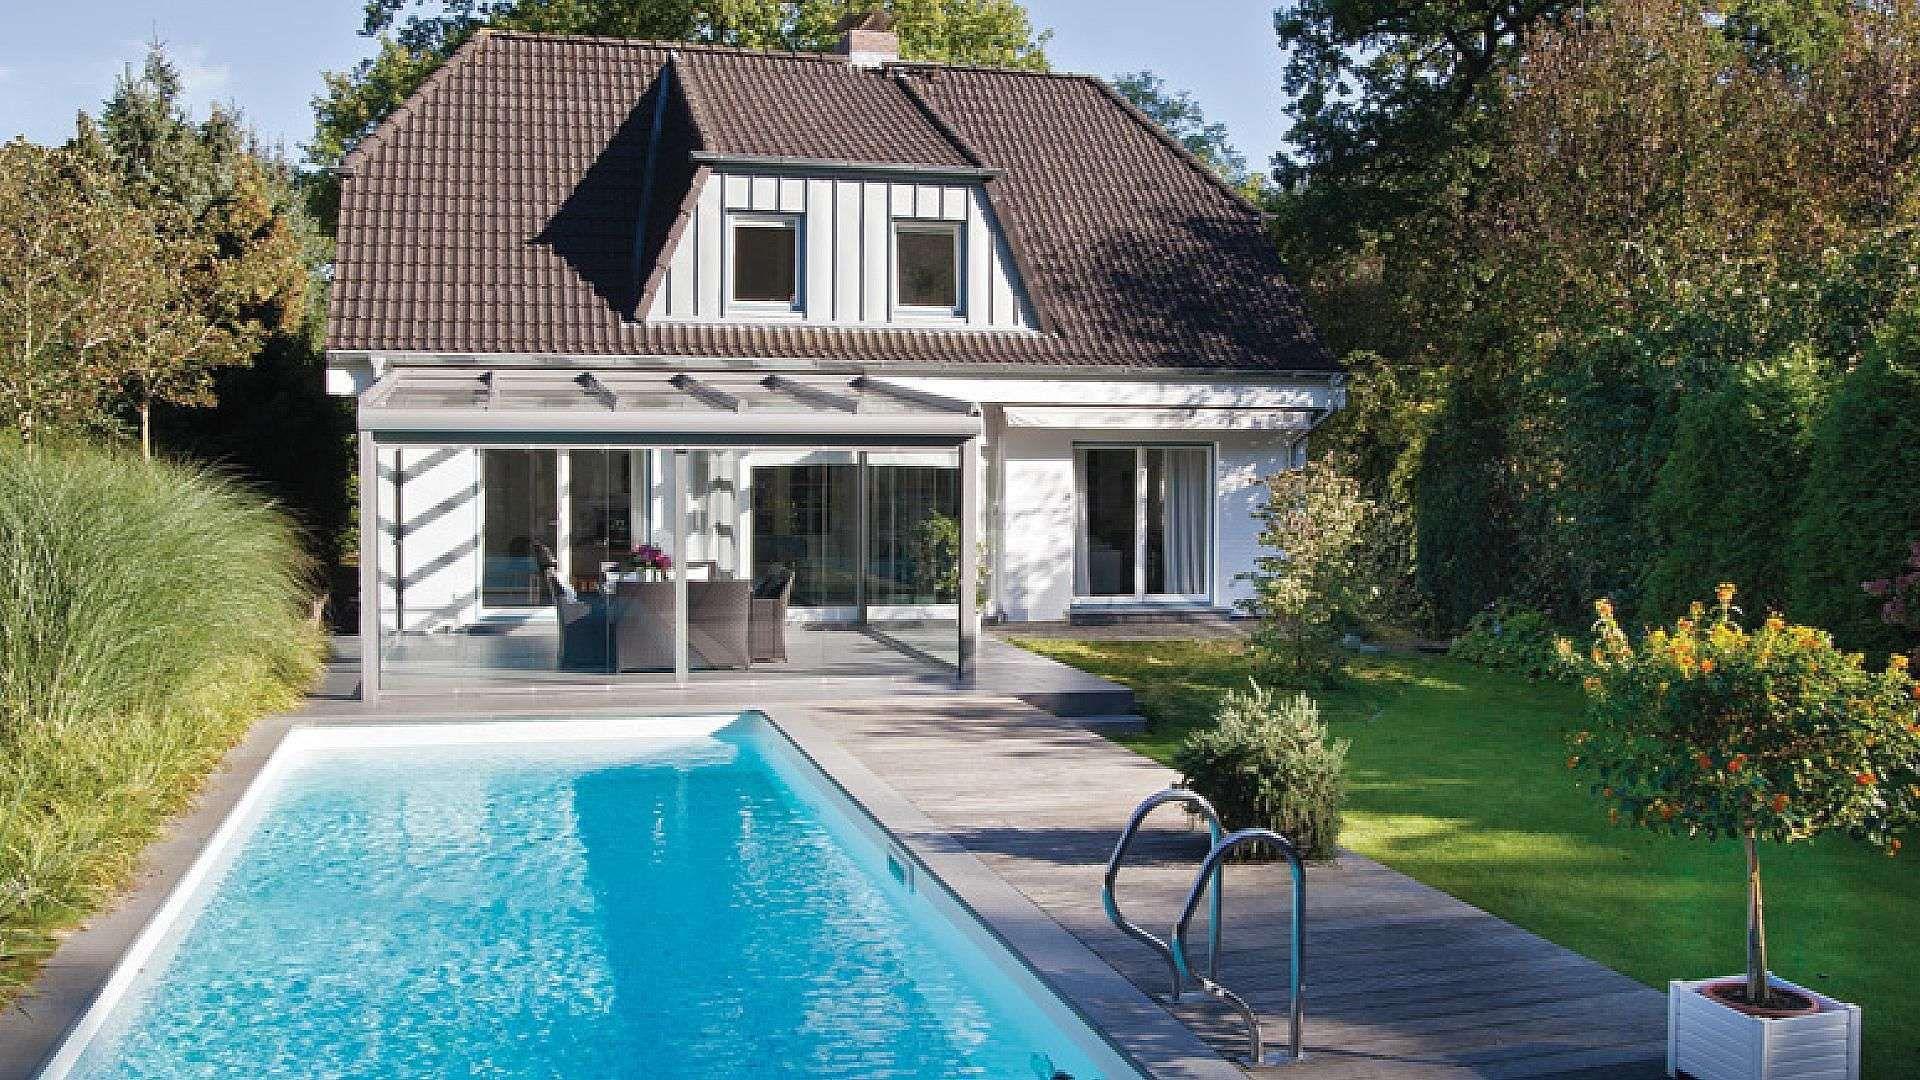 Wohnhaus mit Glashaus im Grünen und Pool im Vordergrund